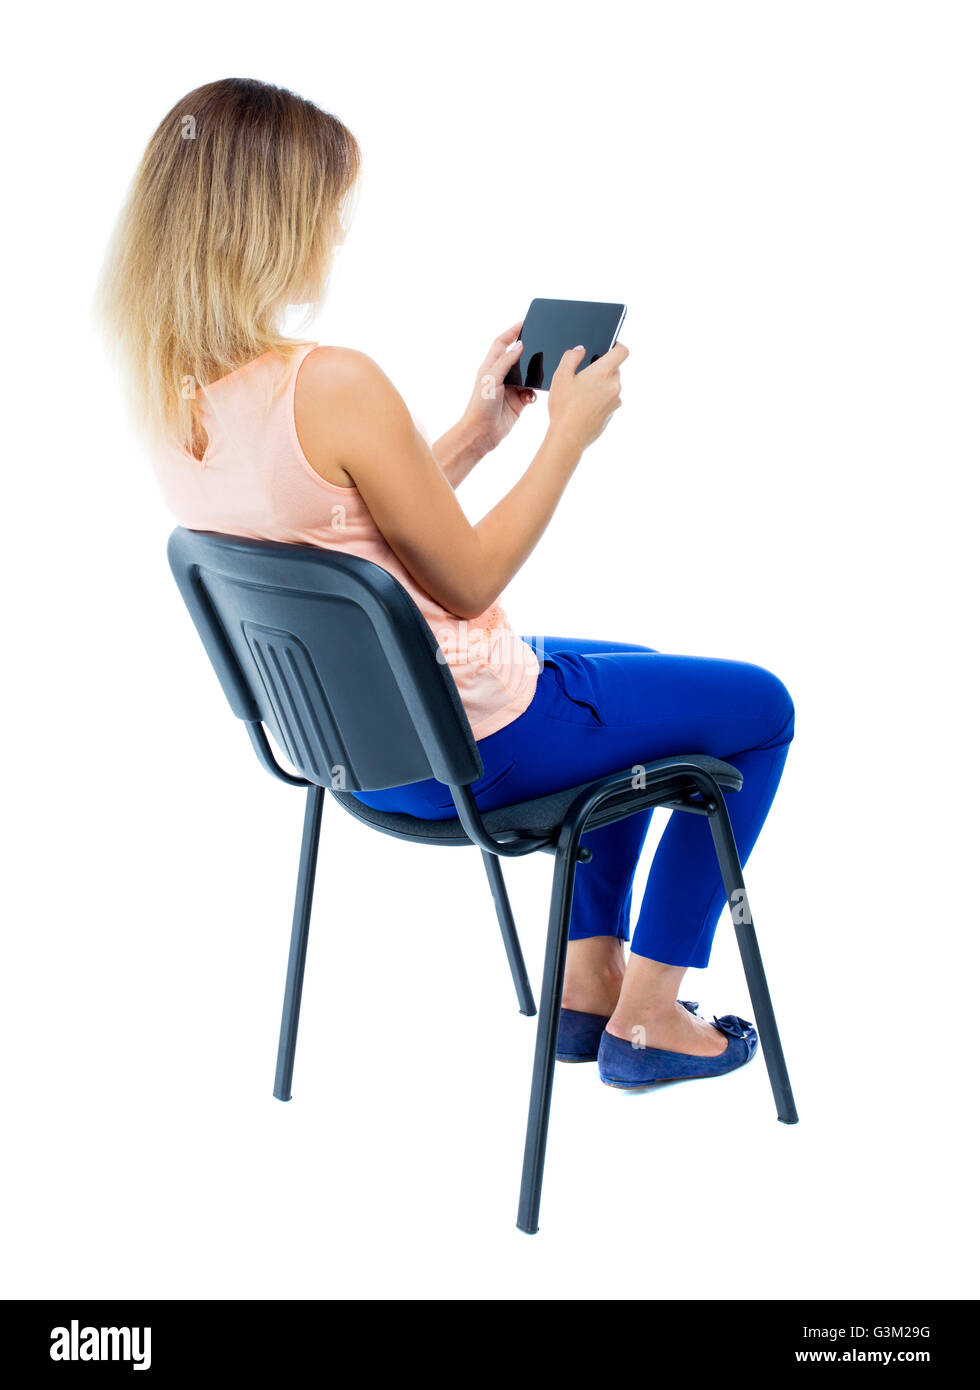 https www alamyimages fr photo image vue arriere de femme assise sur une chaise et regarde l ecran de la tablette vue arriere vue arriere collection les gens de personne plus isole sur fond blanc blonde en pantalon bleu assis de cote sur la chaise de bureau et joue le jeu 105547052 html